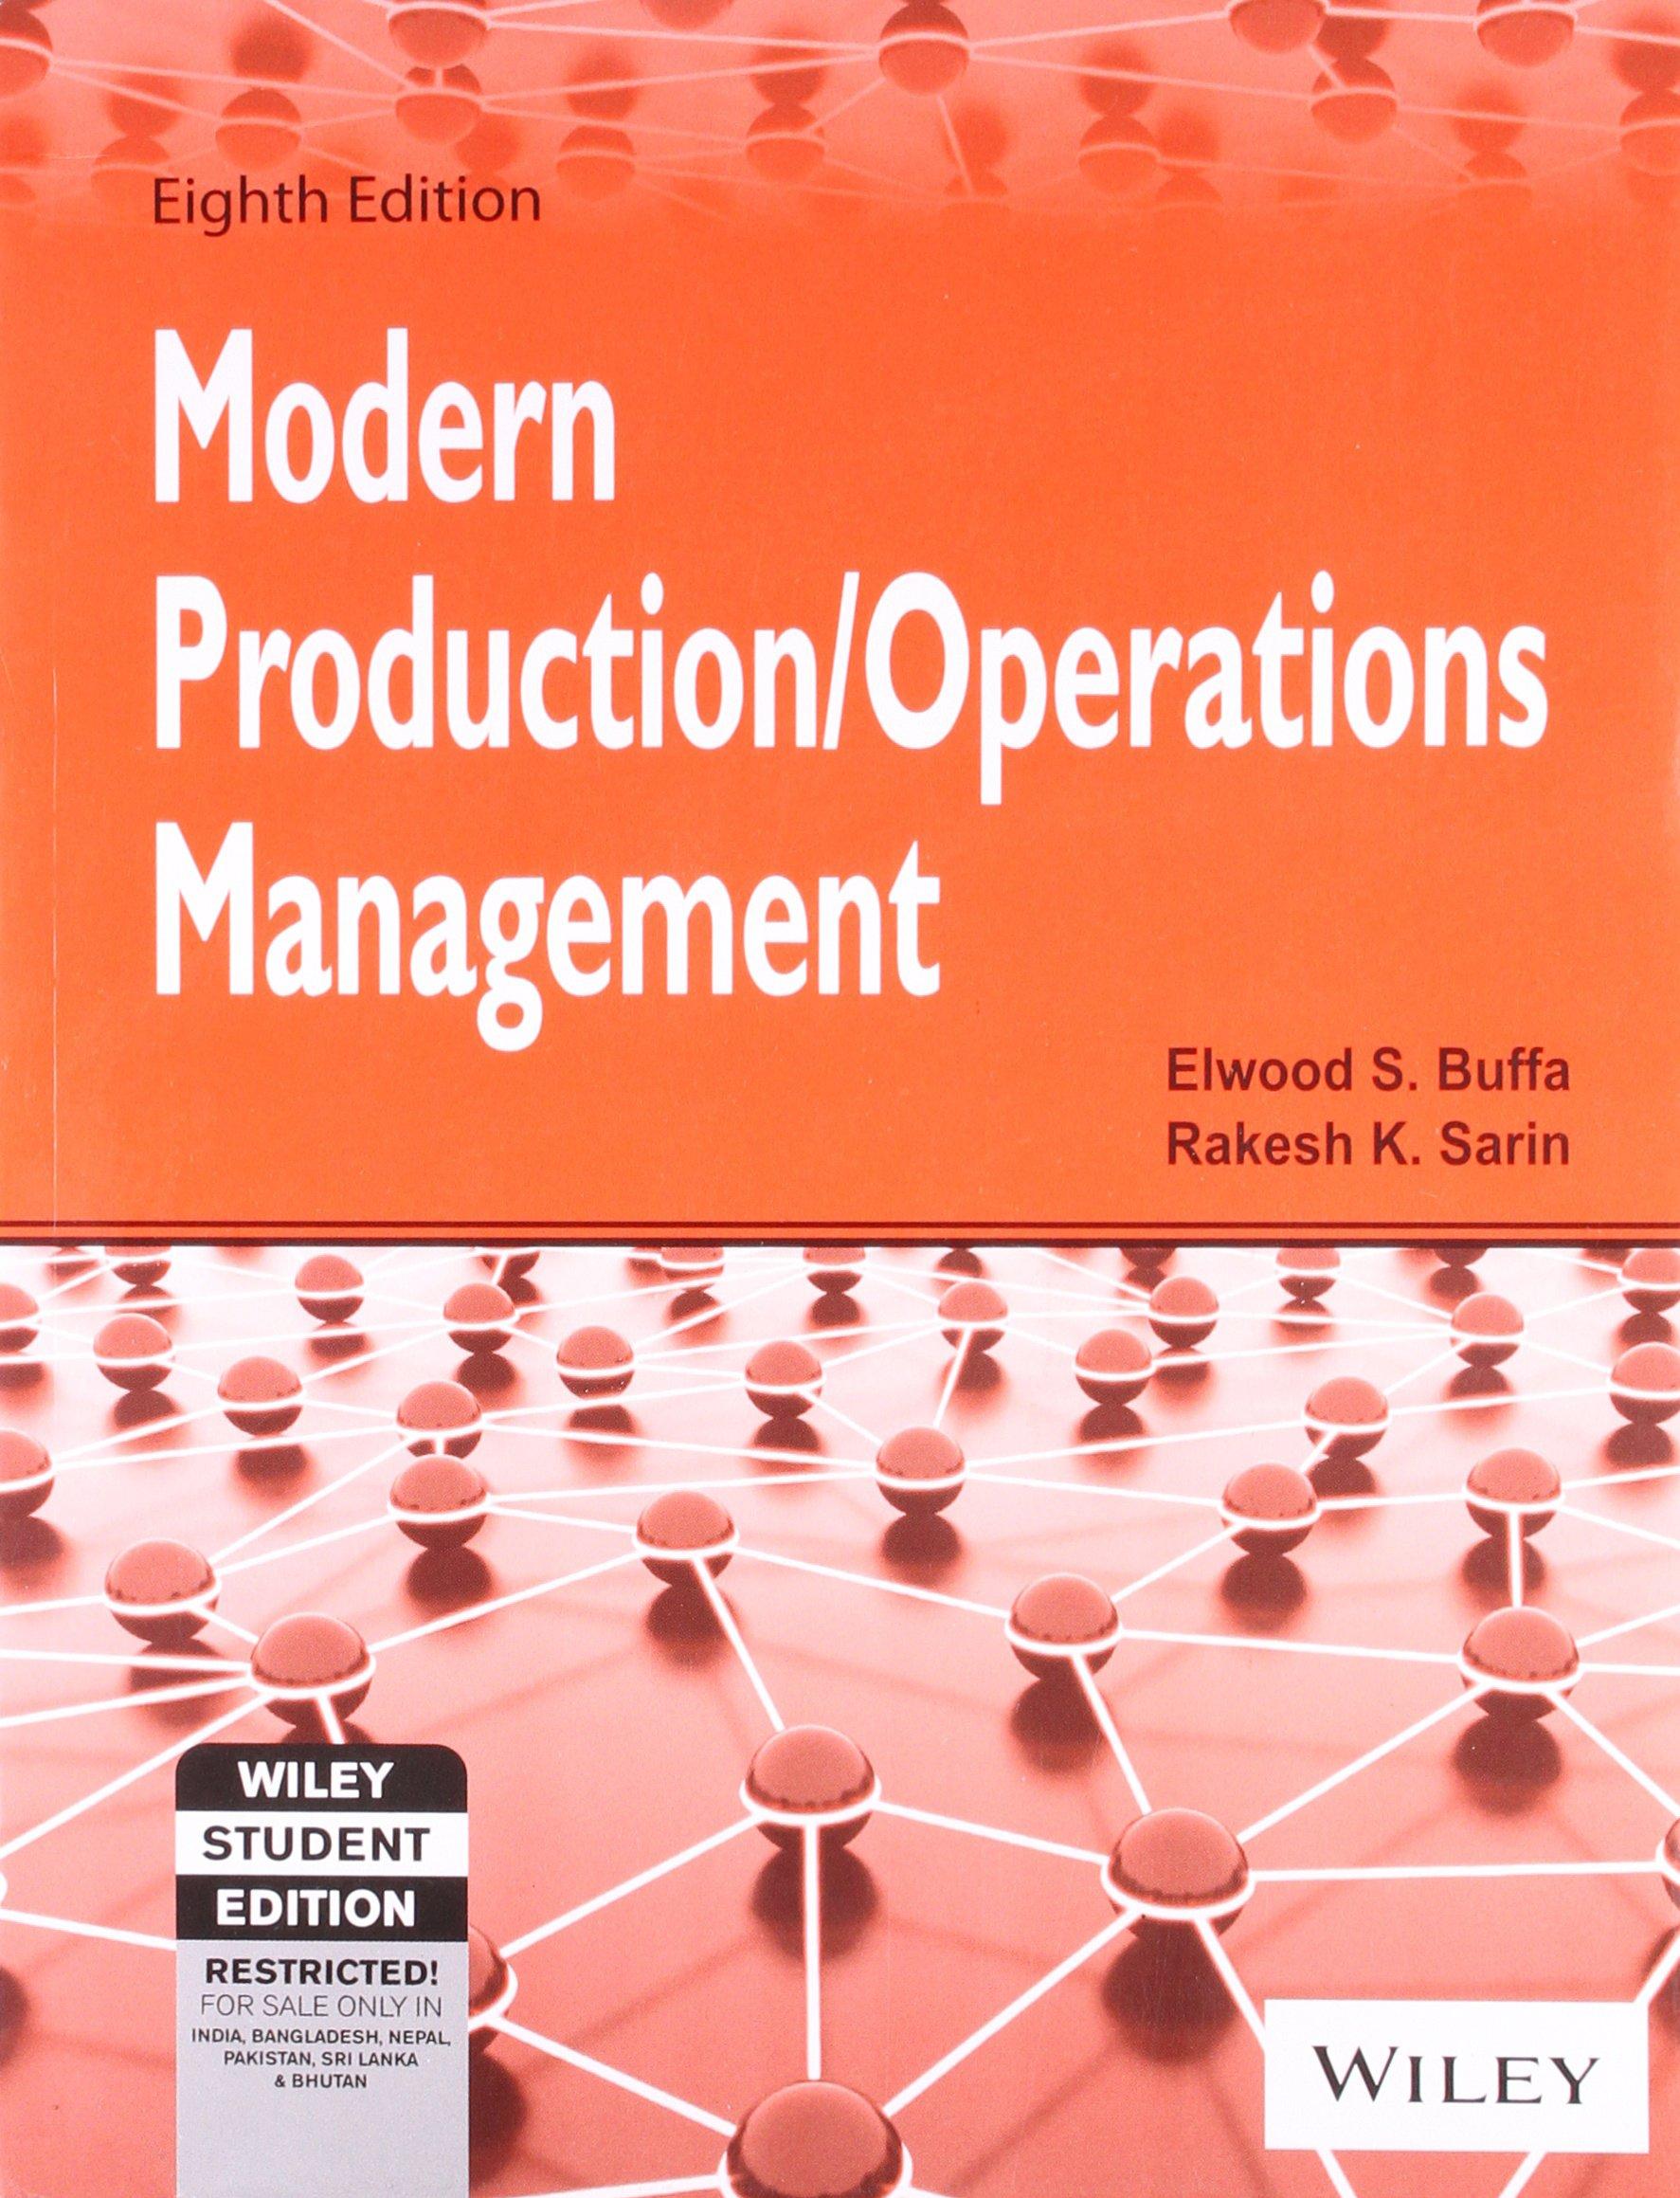 Production Management Book Pdf